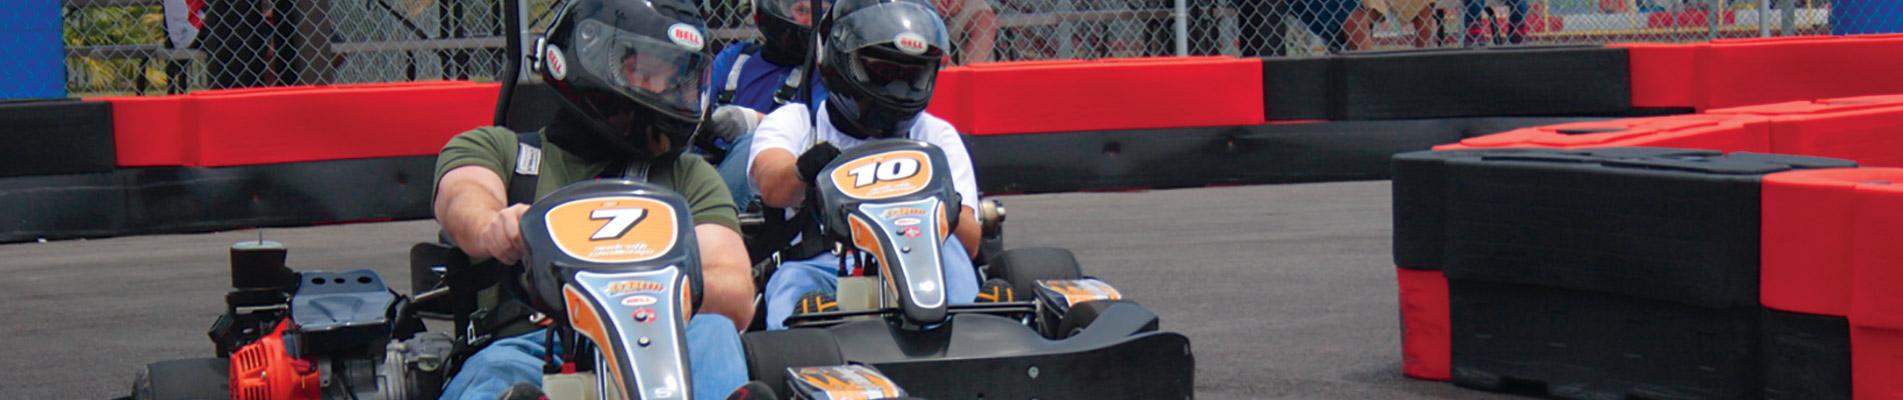 Go Karts Melbourne Florida